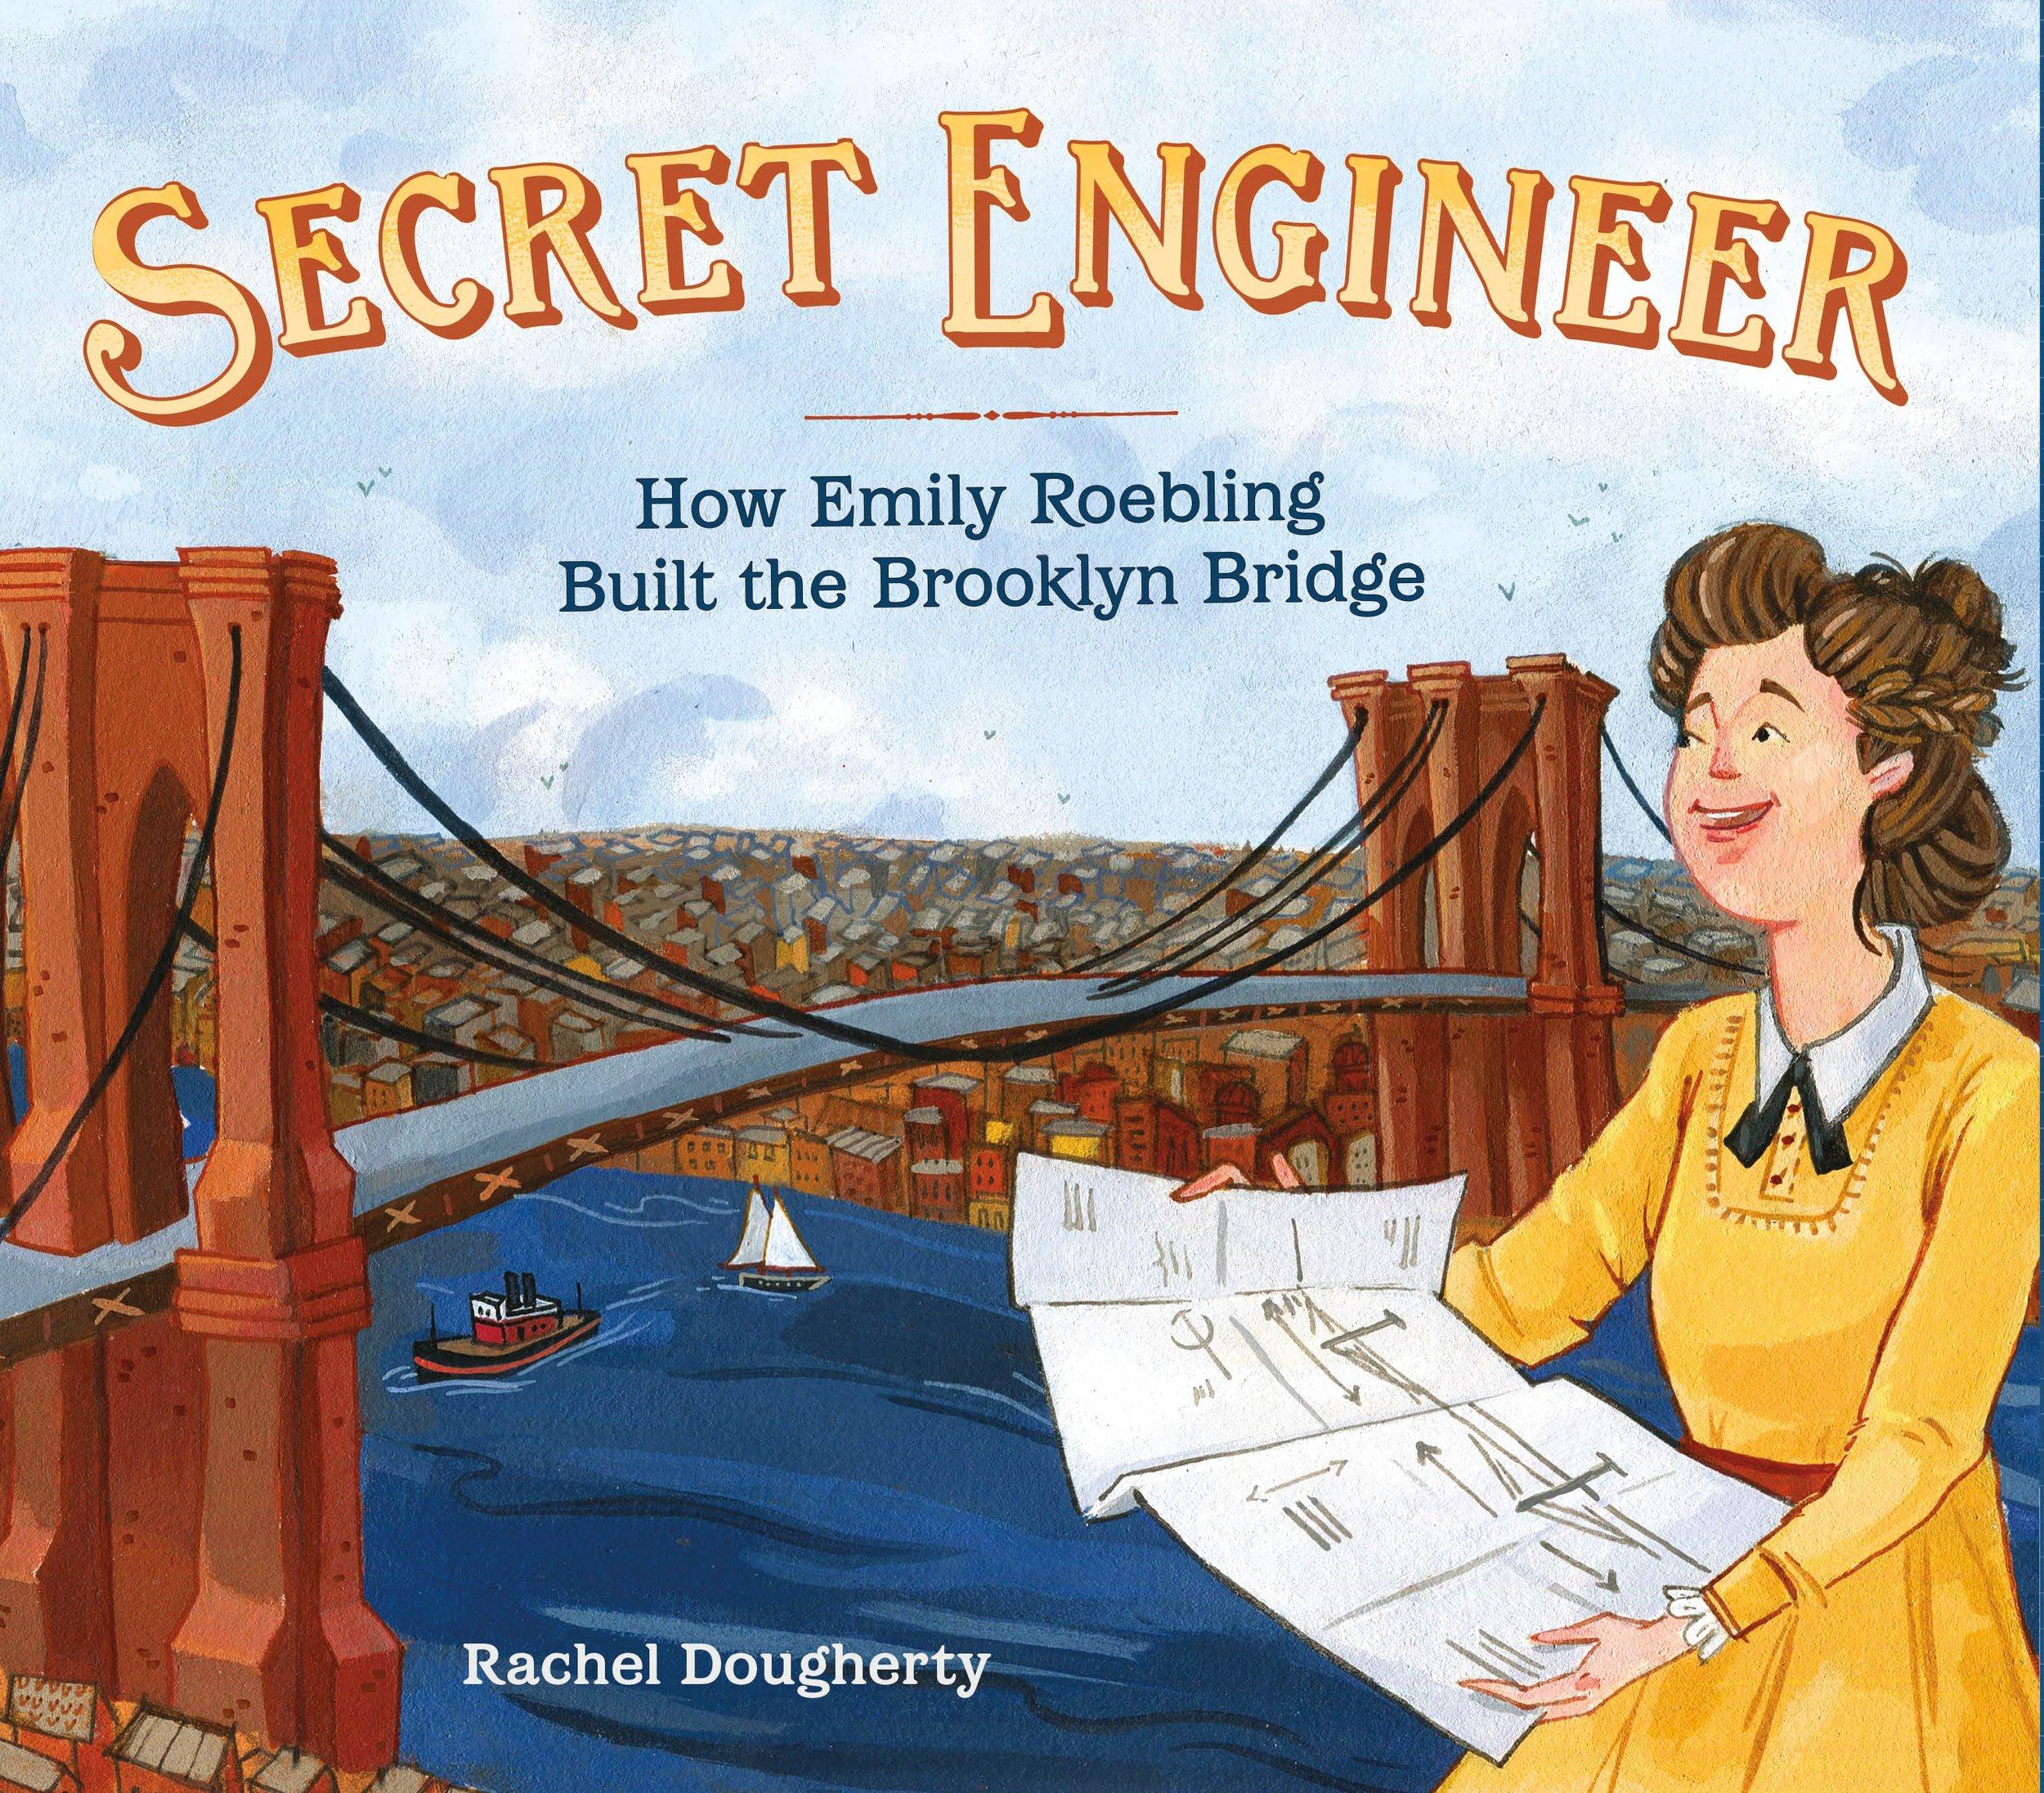 Secret Engineer | Rachel Dougherty